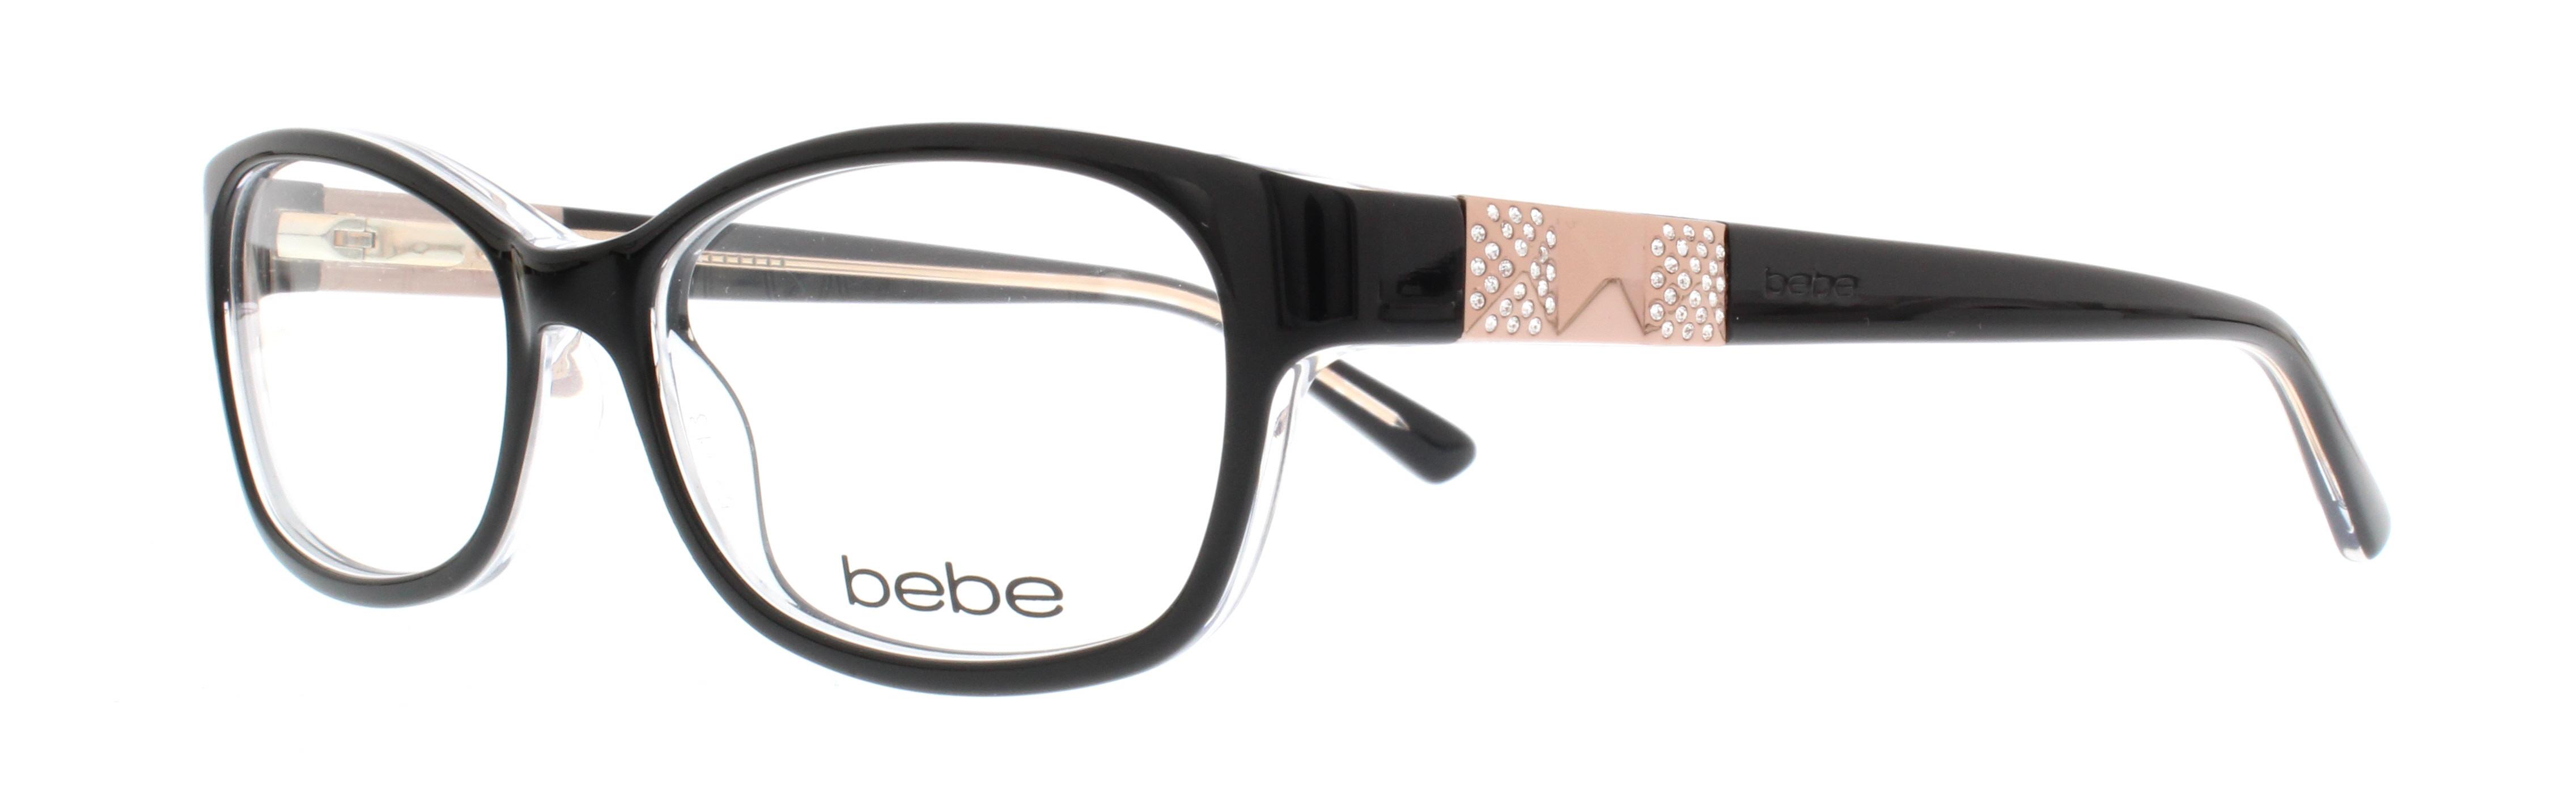 BEBE Eyeglasses BB5082 LADY VEGAS 001 Jet 52MM | eBay